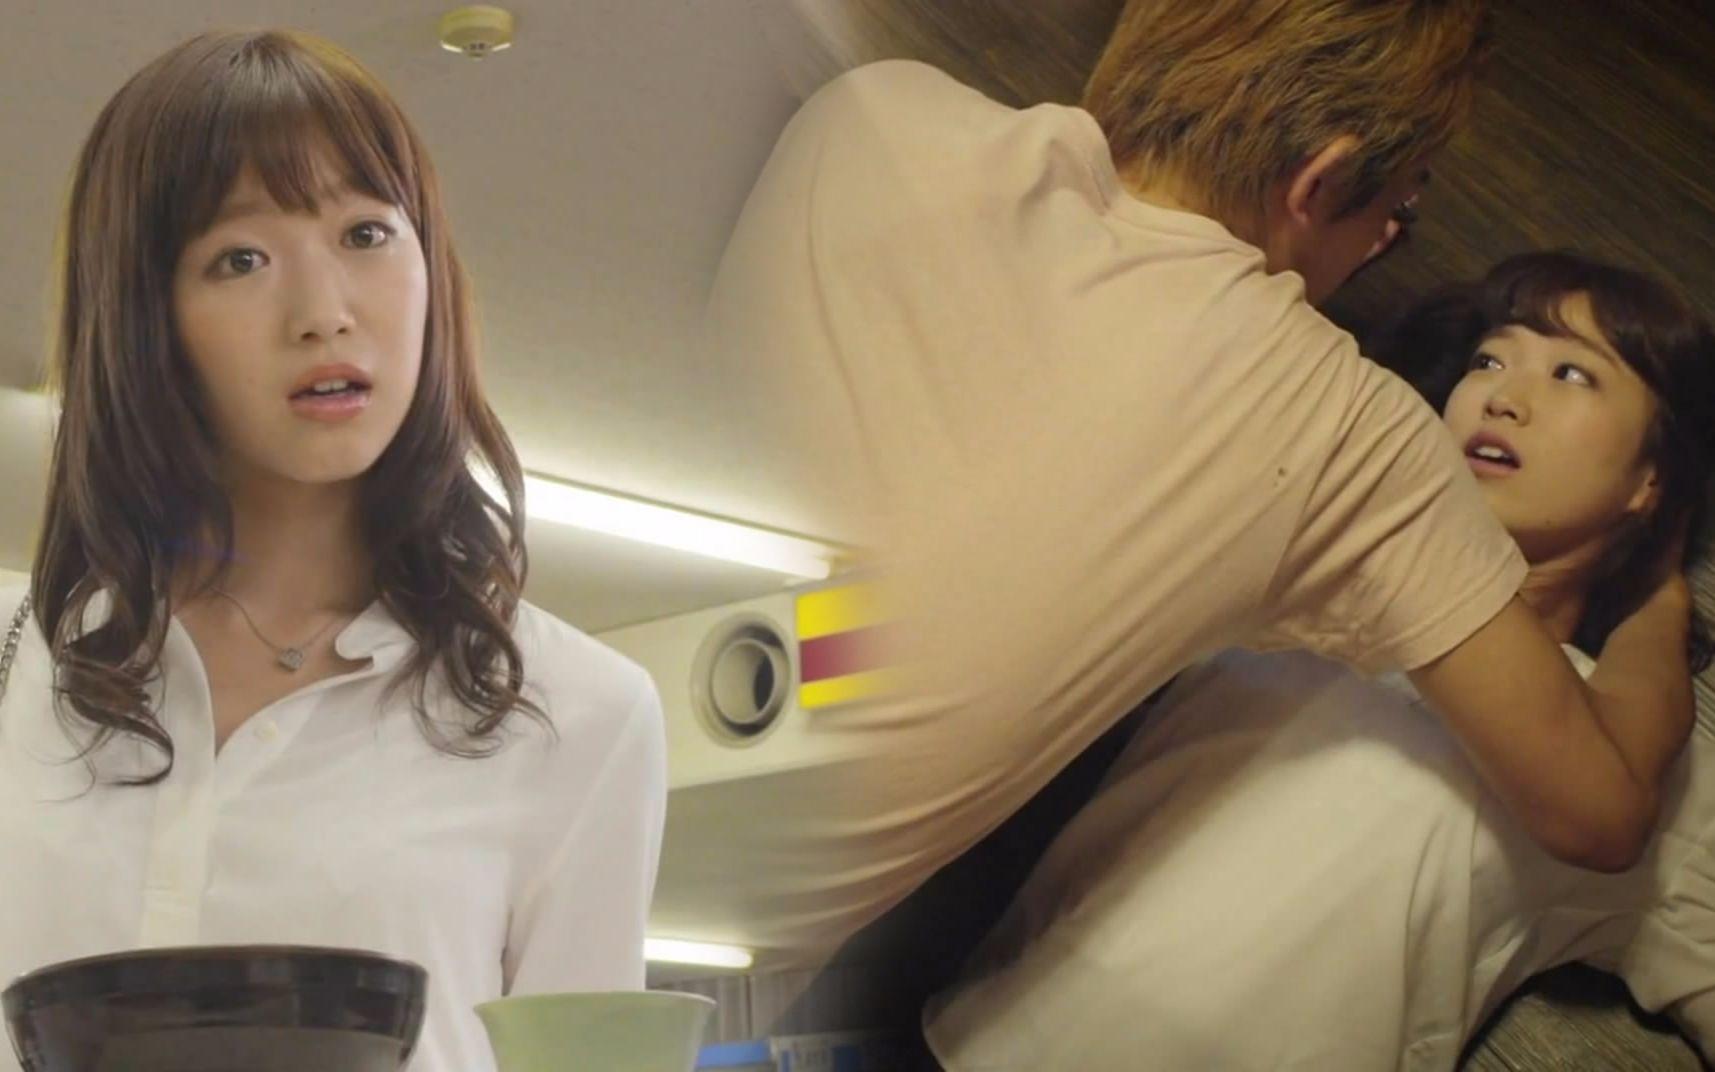 偷窥妹妹的大屁股_【我来说电影】1分钟看完《偷窥情人》 日本限制级大尺度 青春爱情